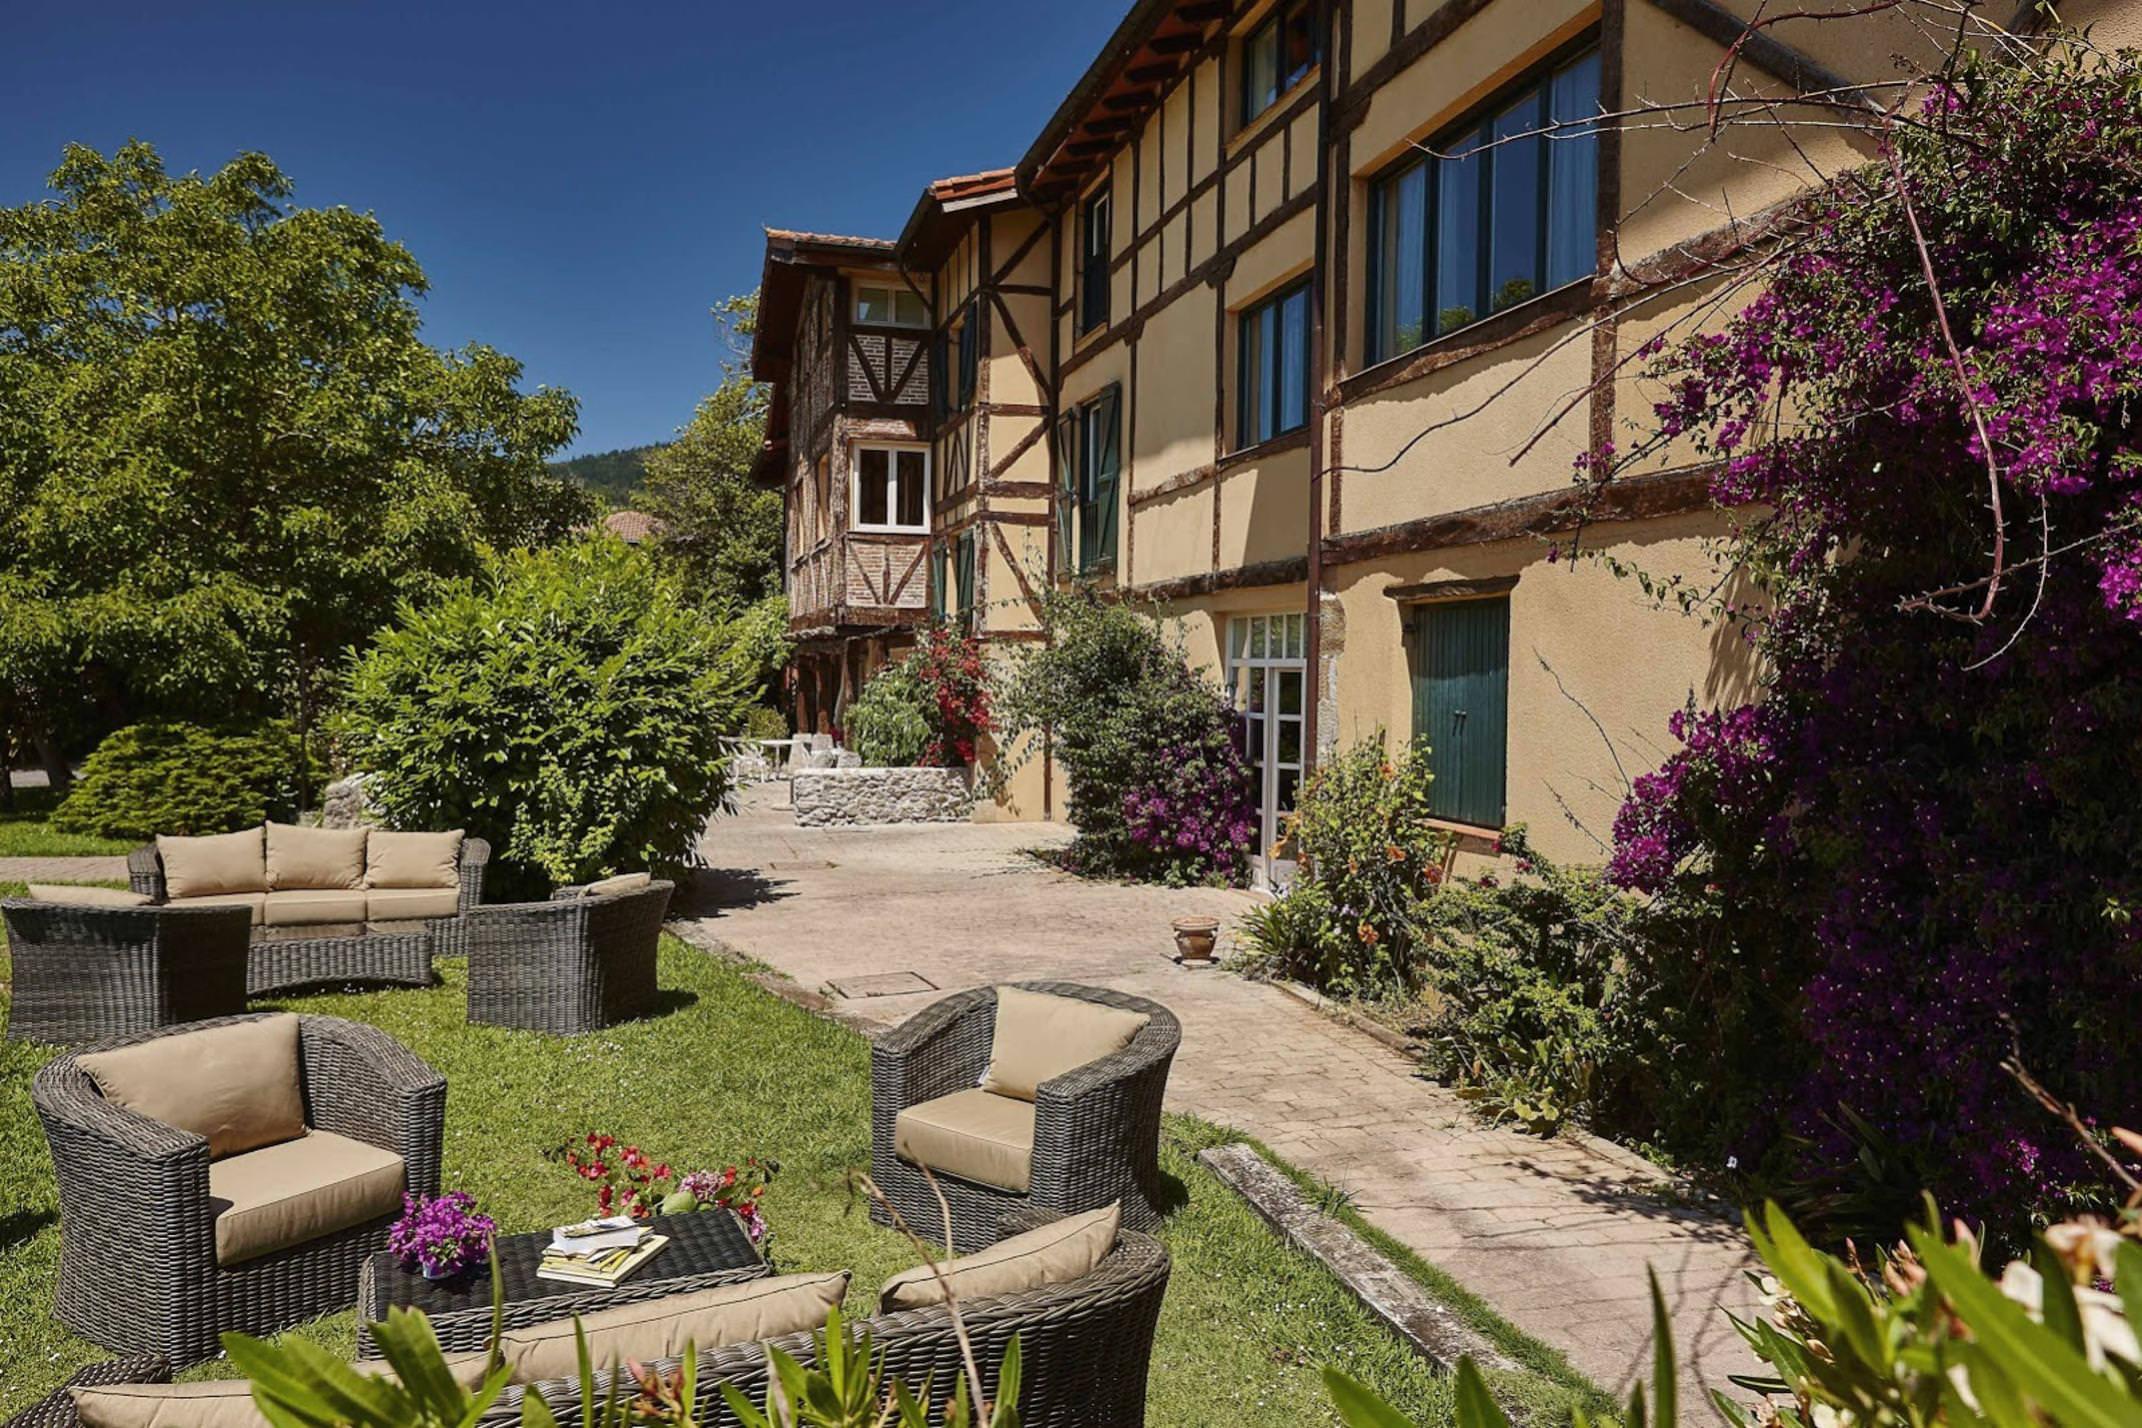 Spain basque vizcaya lekeitio zubieta hotel garden c zubieta